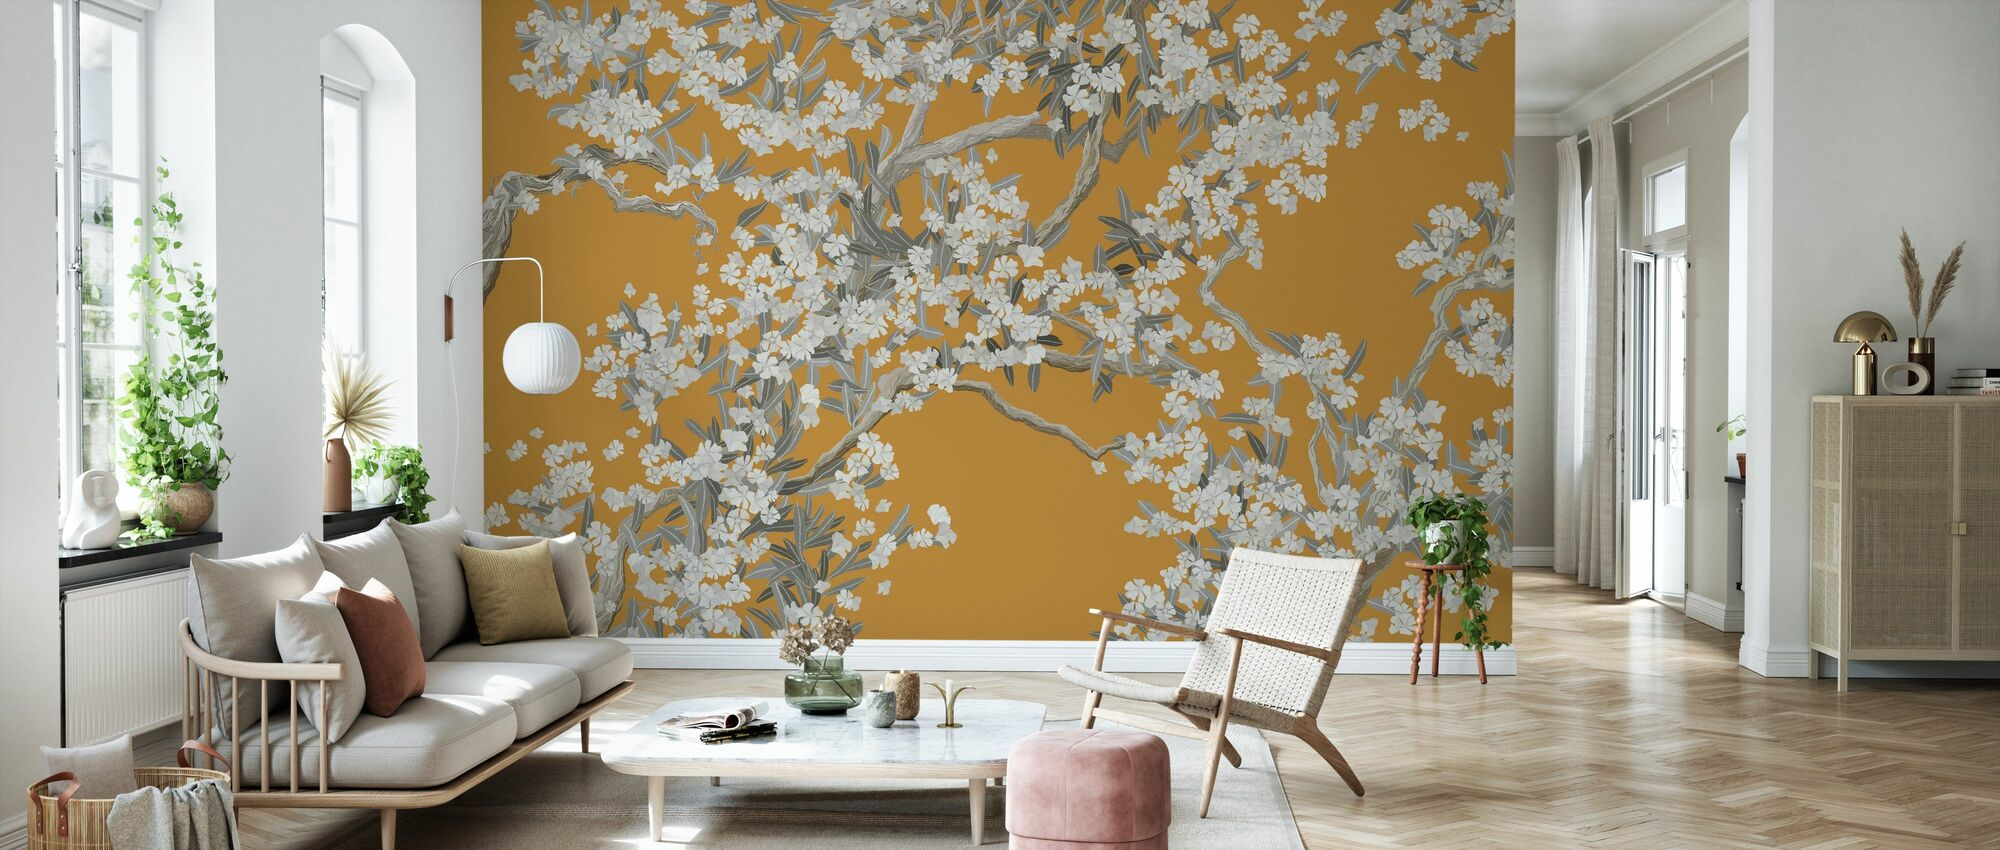 Full Bloom - Orange - Wallpaper - Living Room